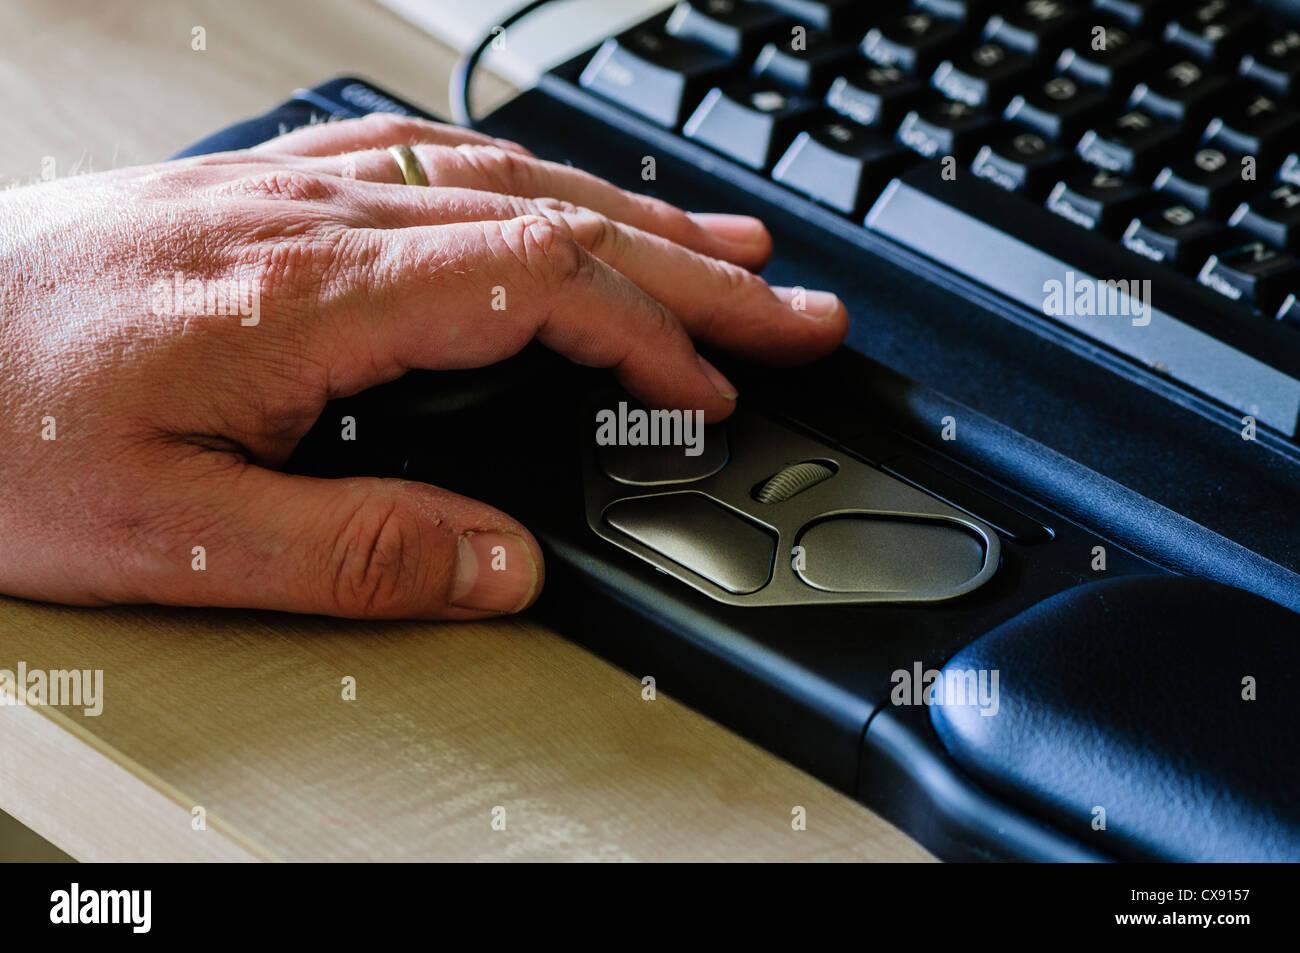 Man verwendet eine RollerMouse Pro2 ergonomische Computermaus für Menschen mit Handgelenk-Problemen Stockbild